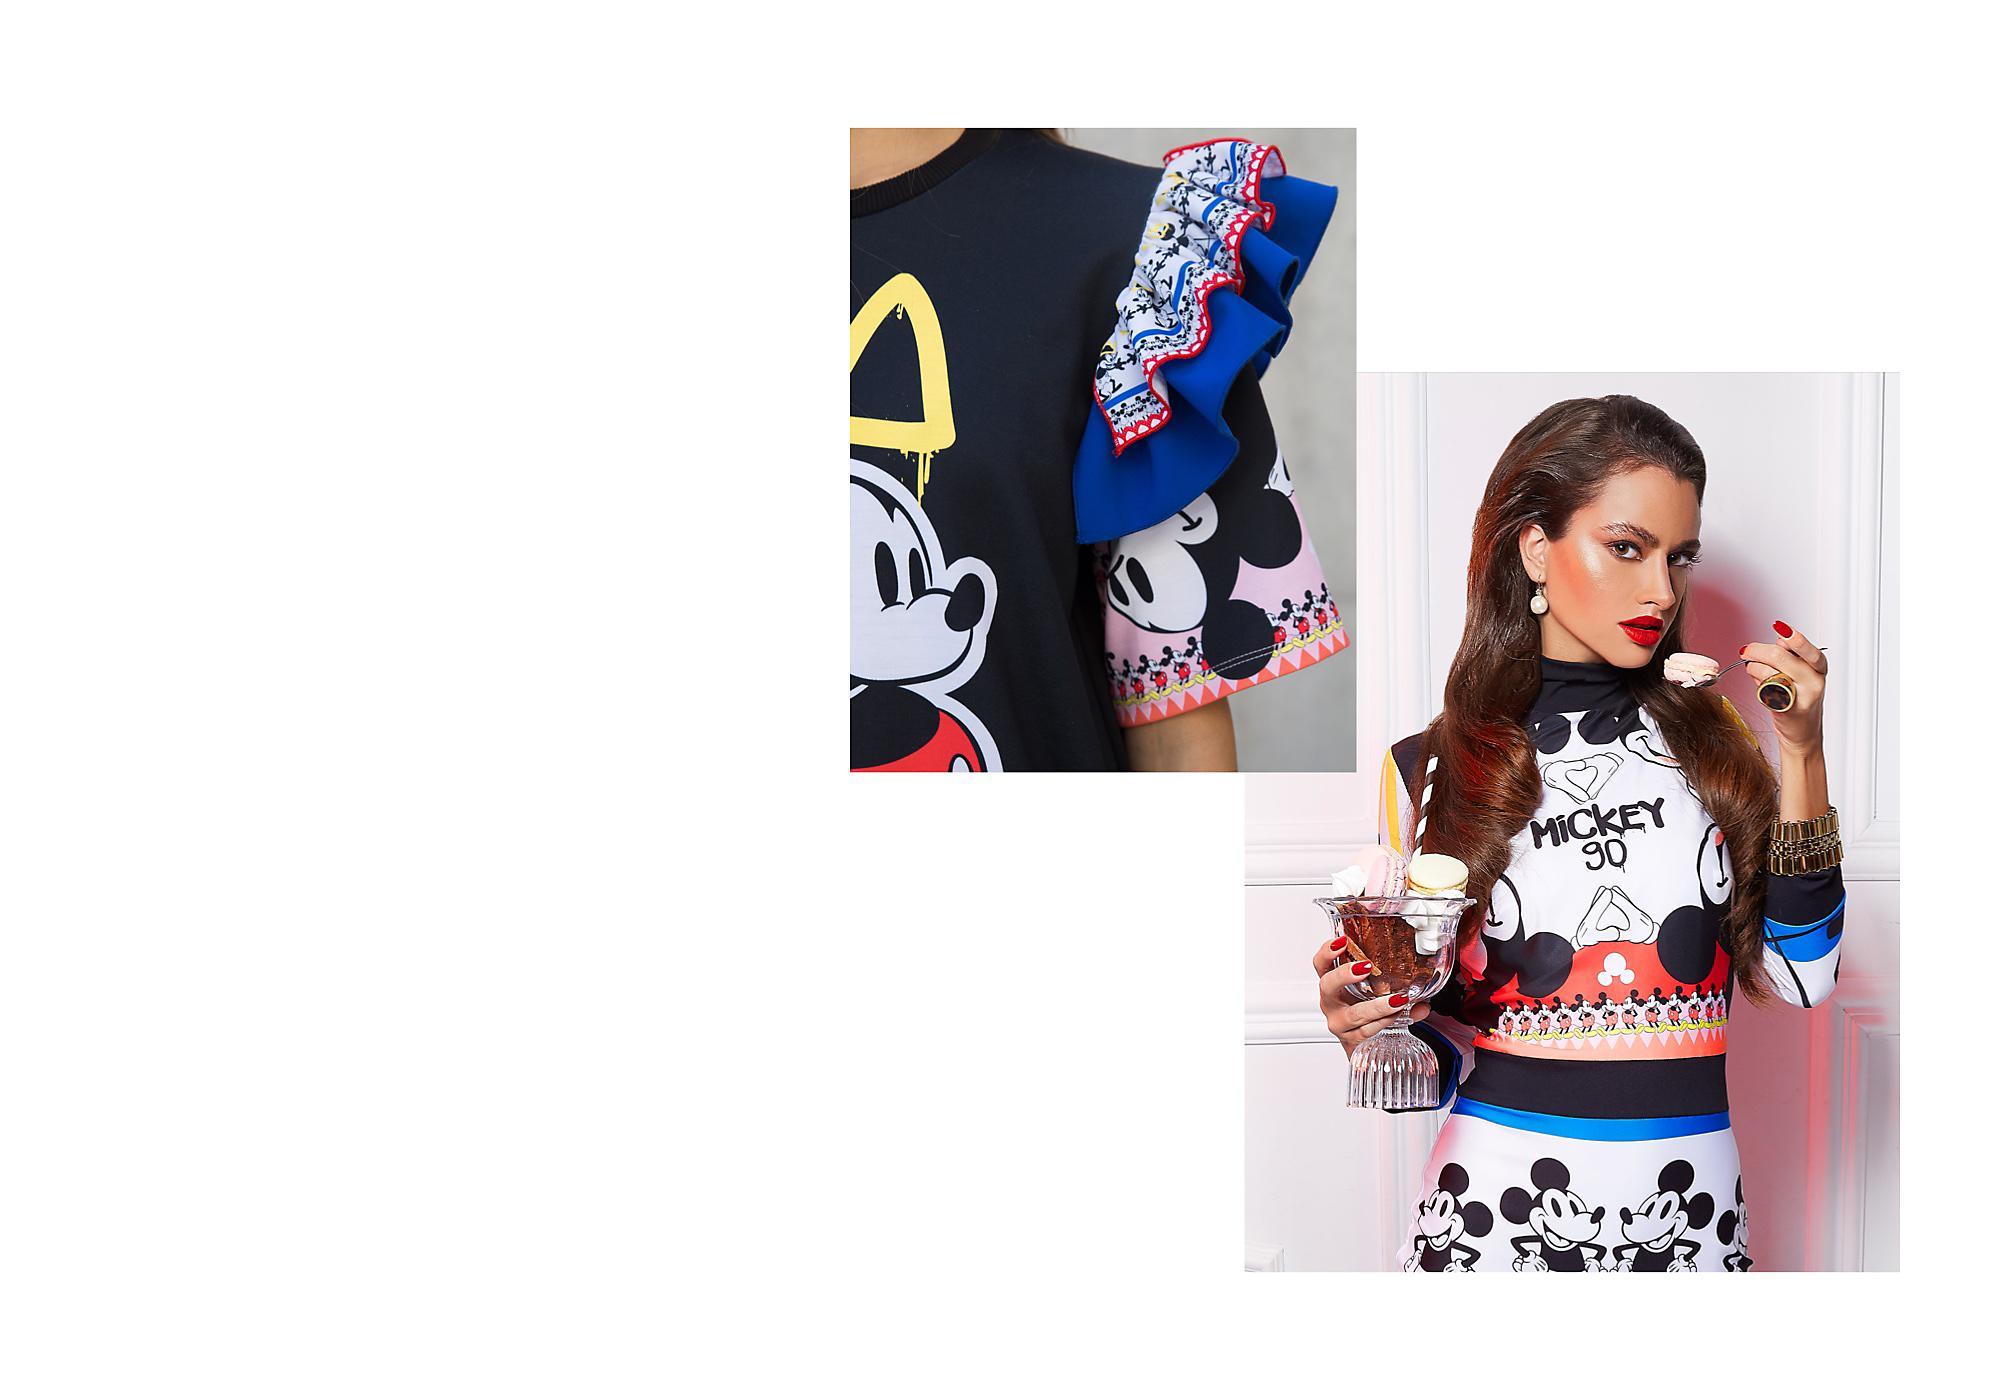 Moda nueva e innovadora ¡La marca de moda húngara Sugarbird se ha unido a Disney para celebrar el 90 aniversario de Mickey!